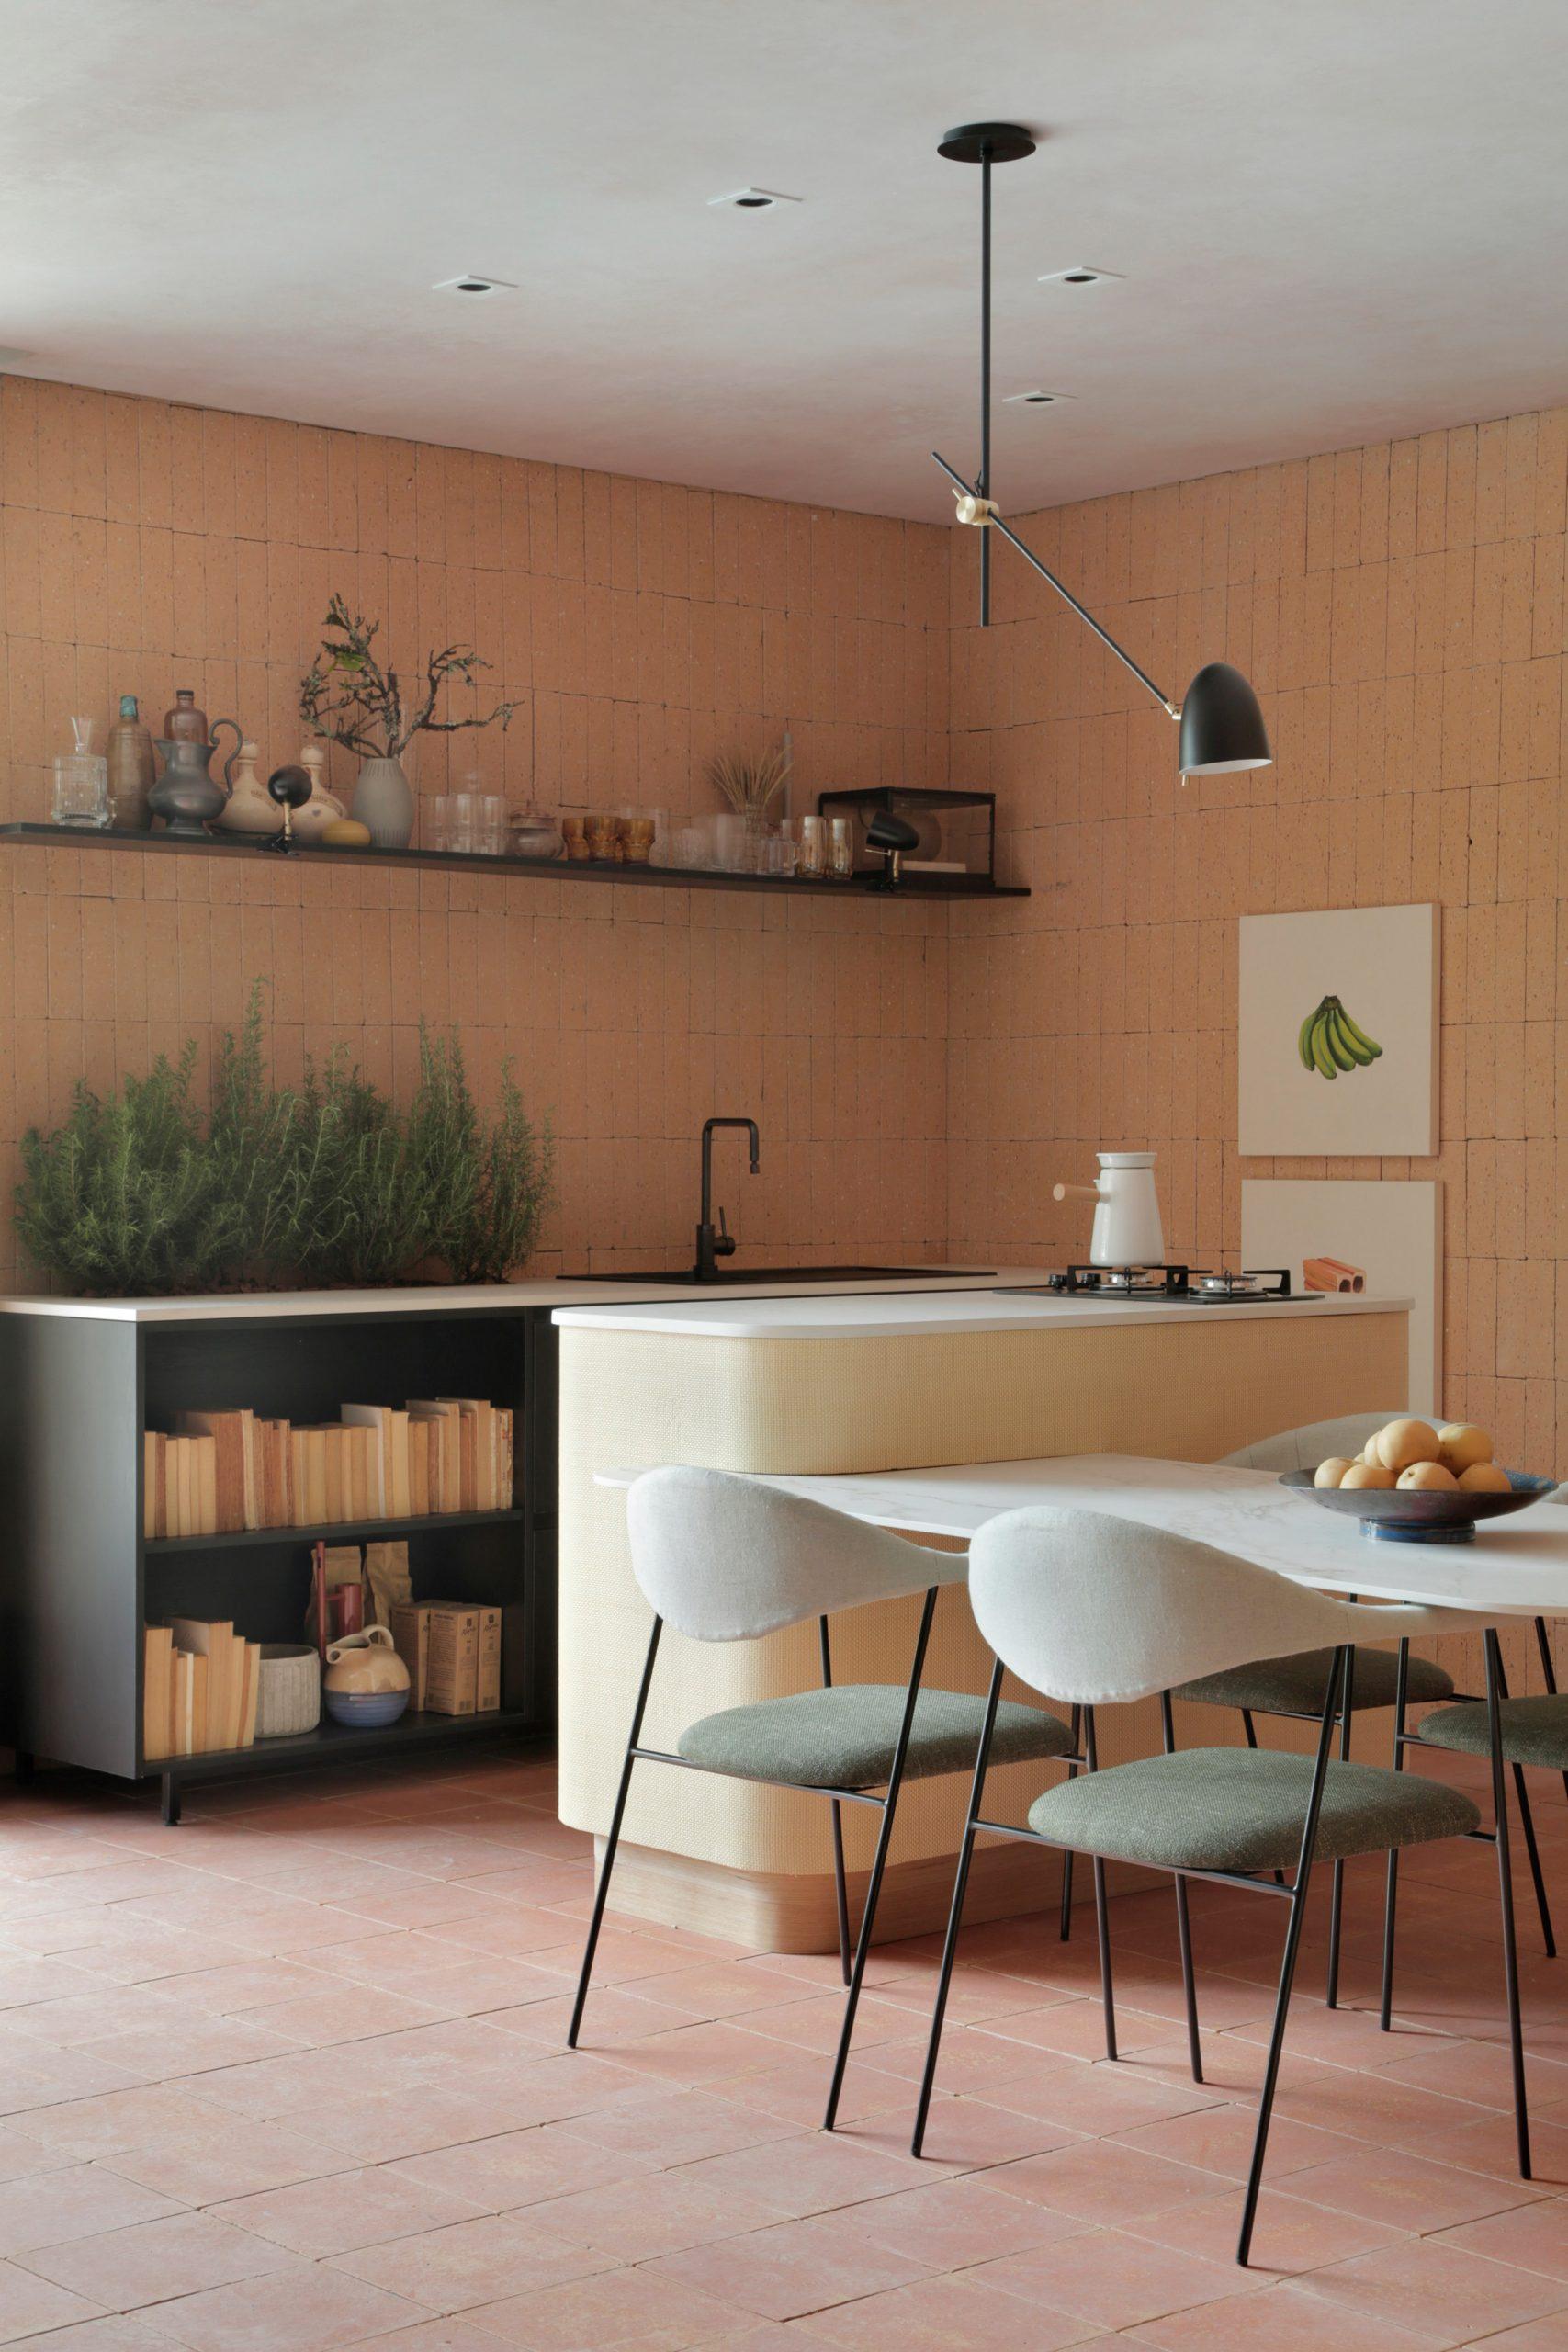 Thiết kế nội thất căn hộ 56m2 2 phòng ngủ 2